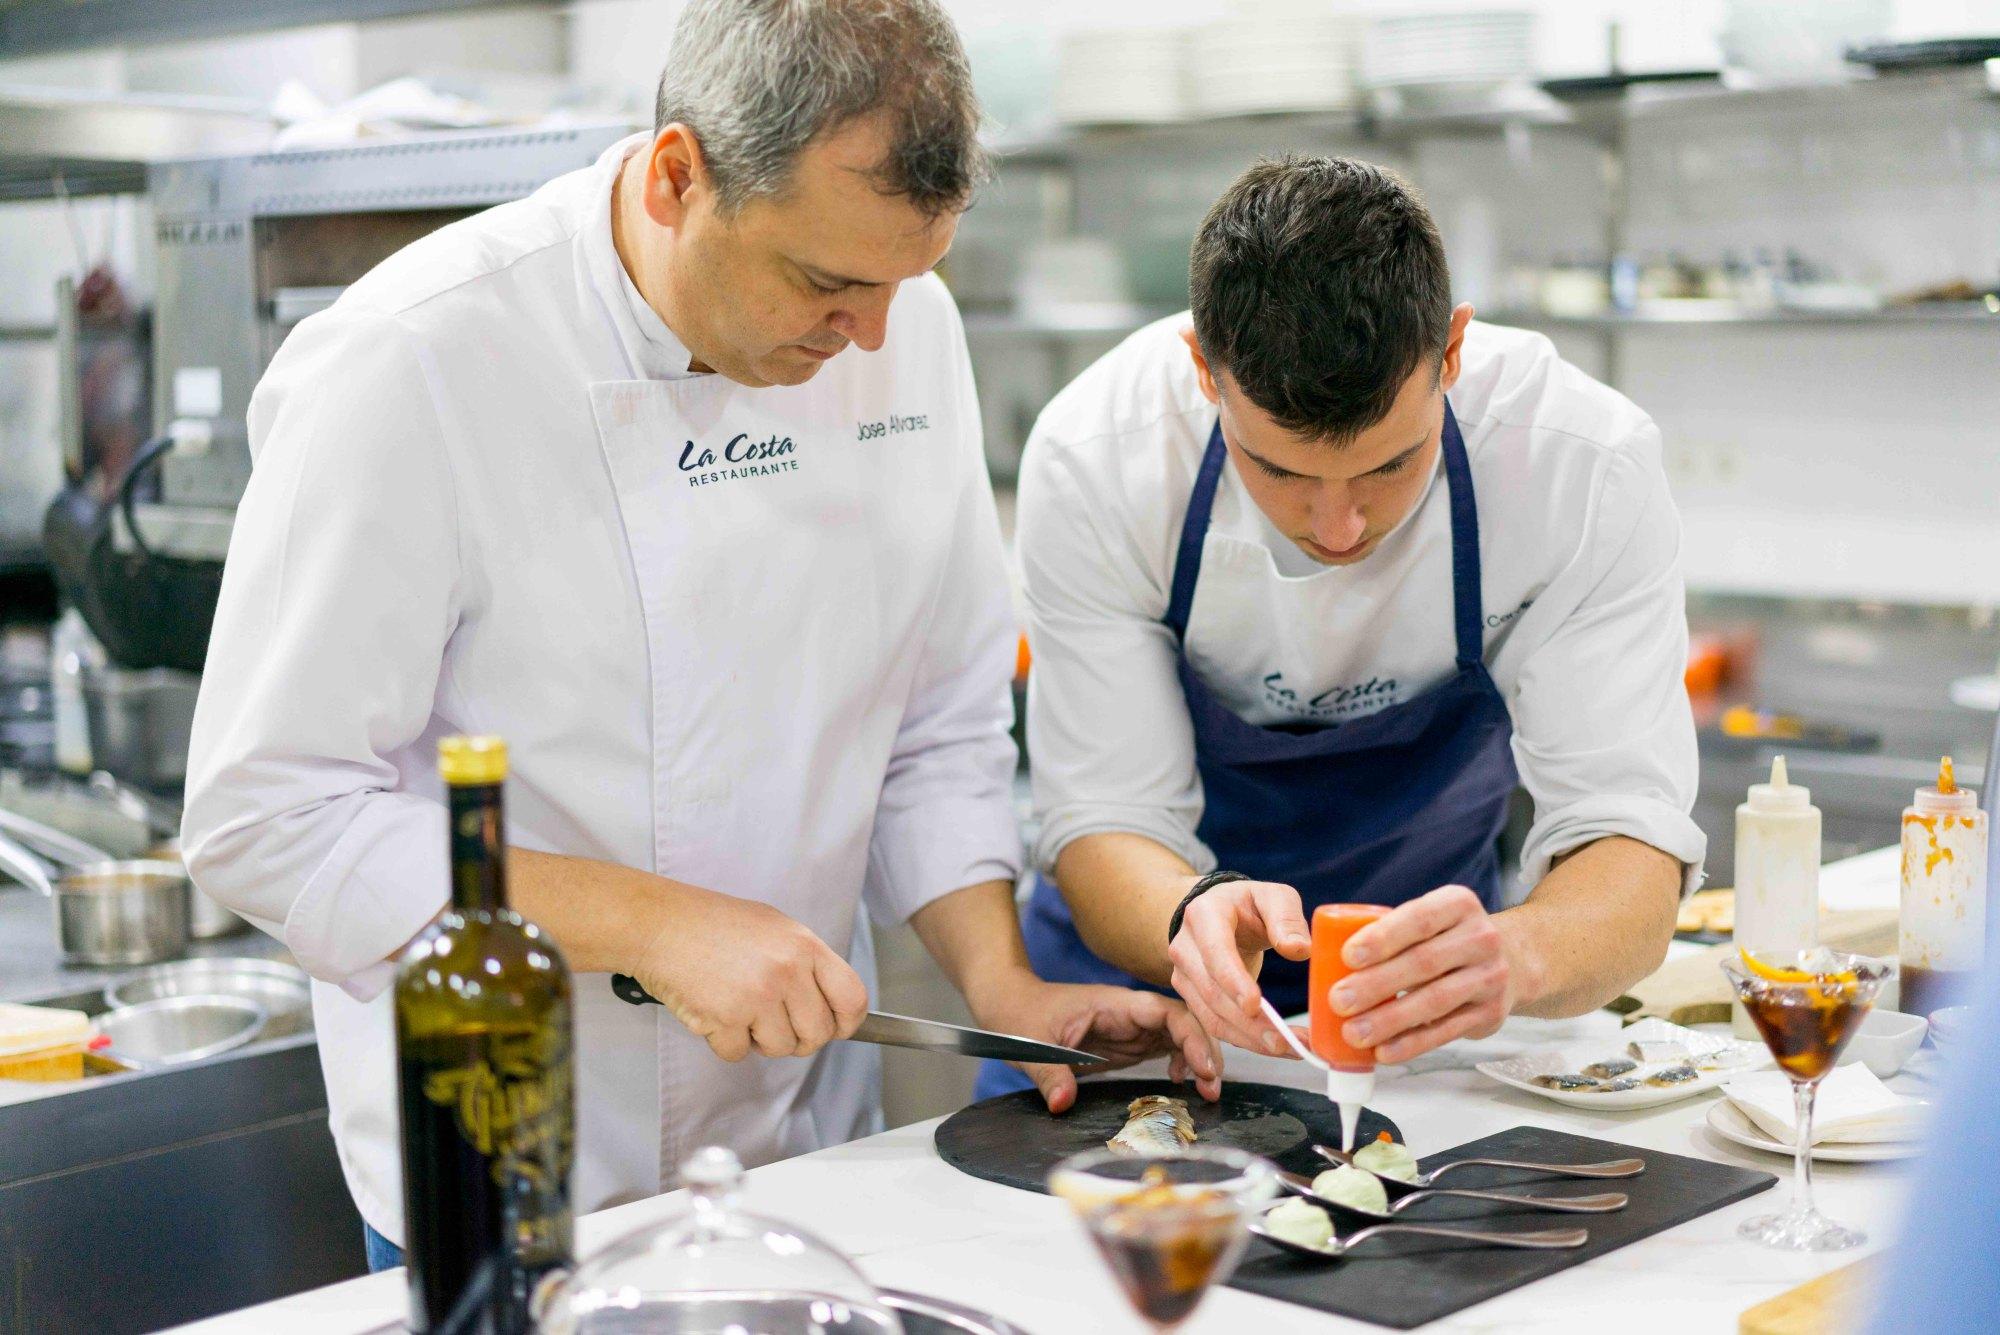 El chef defiende una cocina de producto y tradición. Foto: Javier Lozano / Maquinaria Creativos